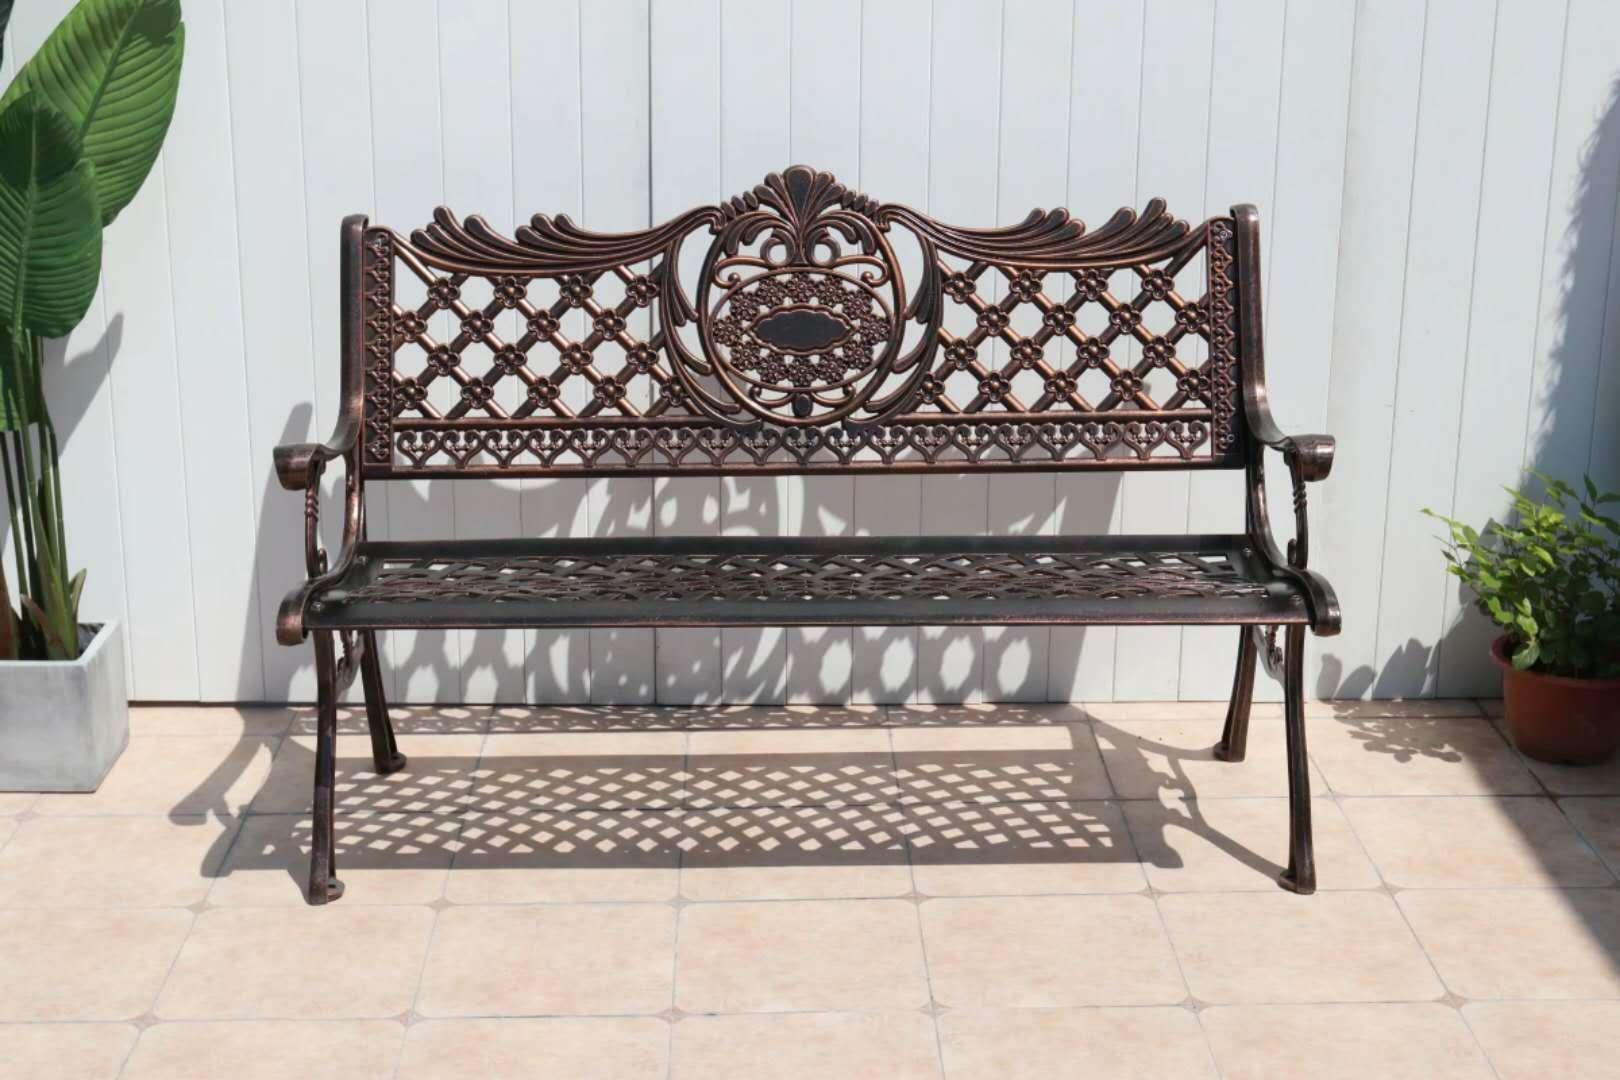 辽宁压铸铝户外椅批发厂家-品质好的压铸铝户外椅哪里买